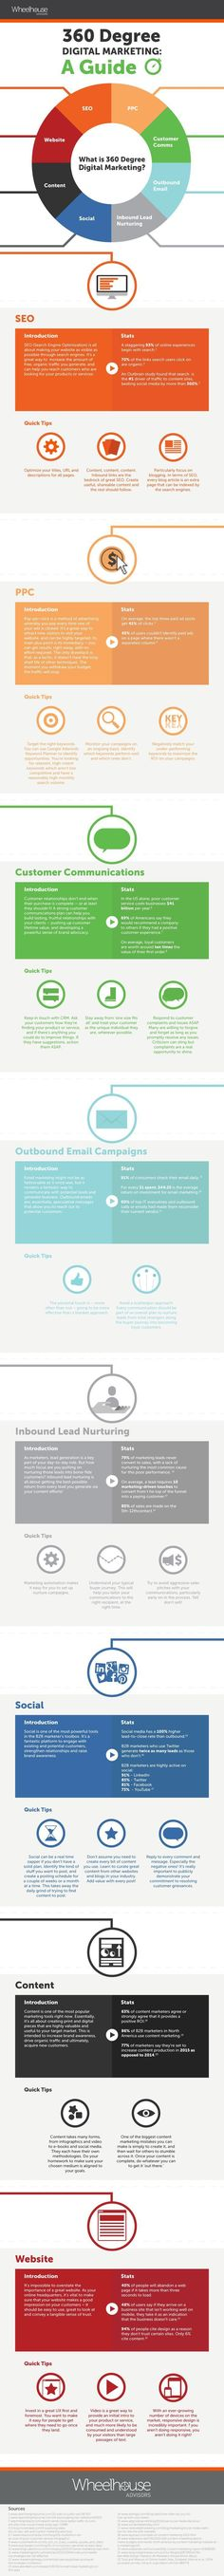 Marketing Insights | Digital Marketing | SEO | Social Media | Website Design | PPC